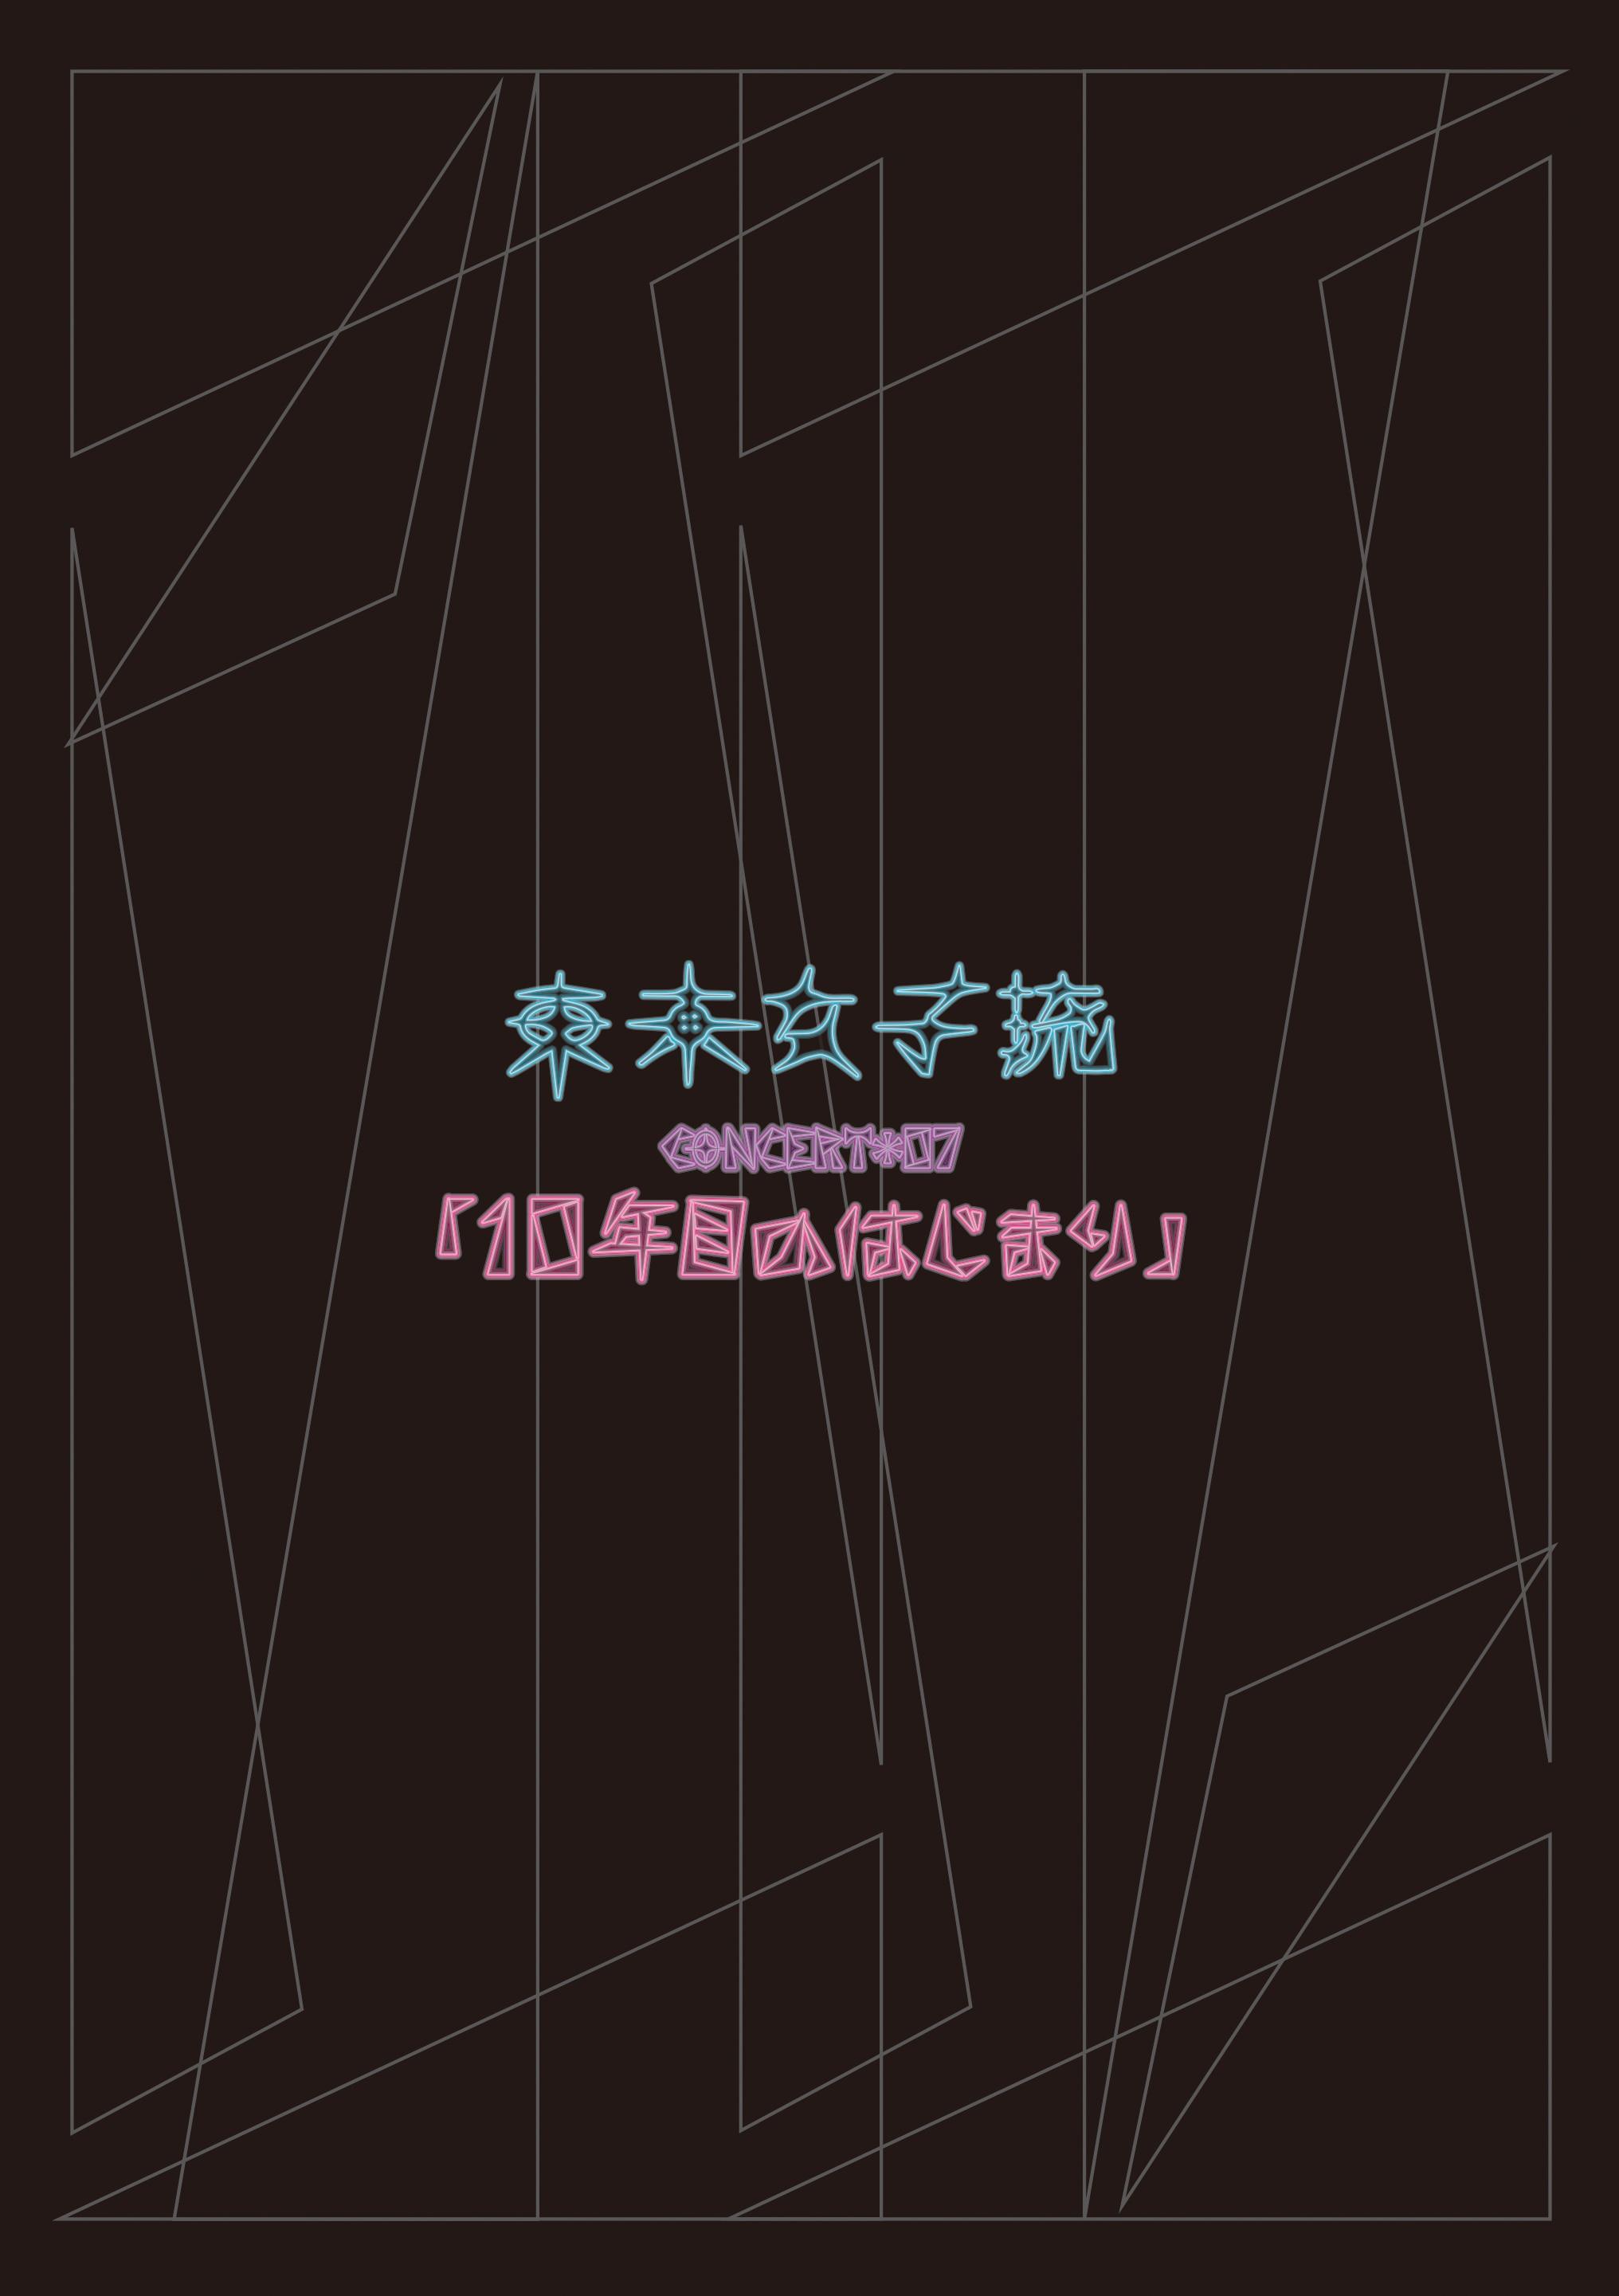 東京女子流 CONCERT*07「10年目のはじまり」